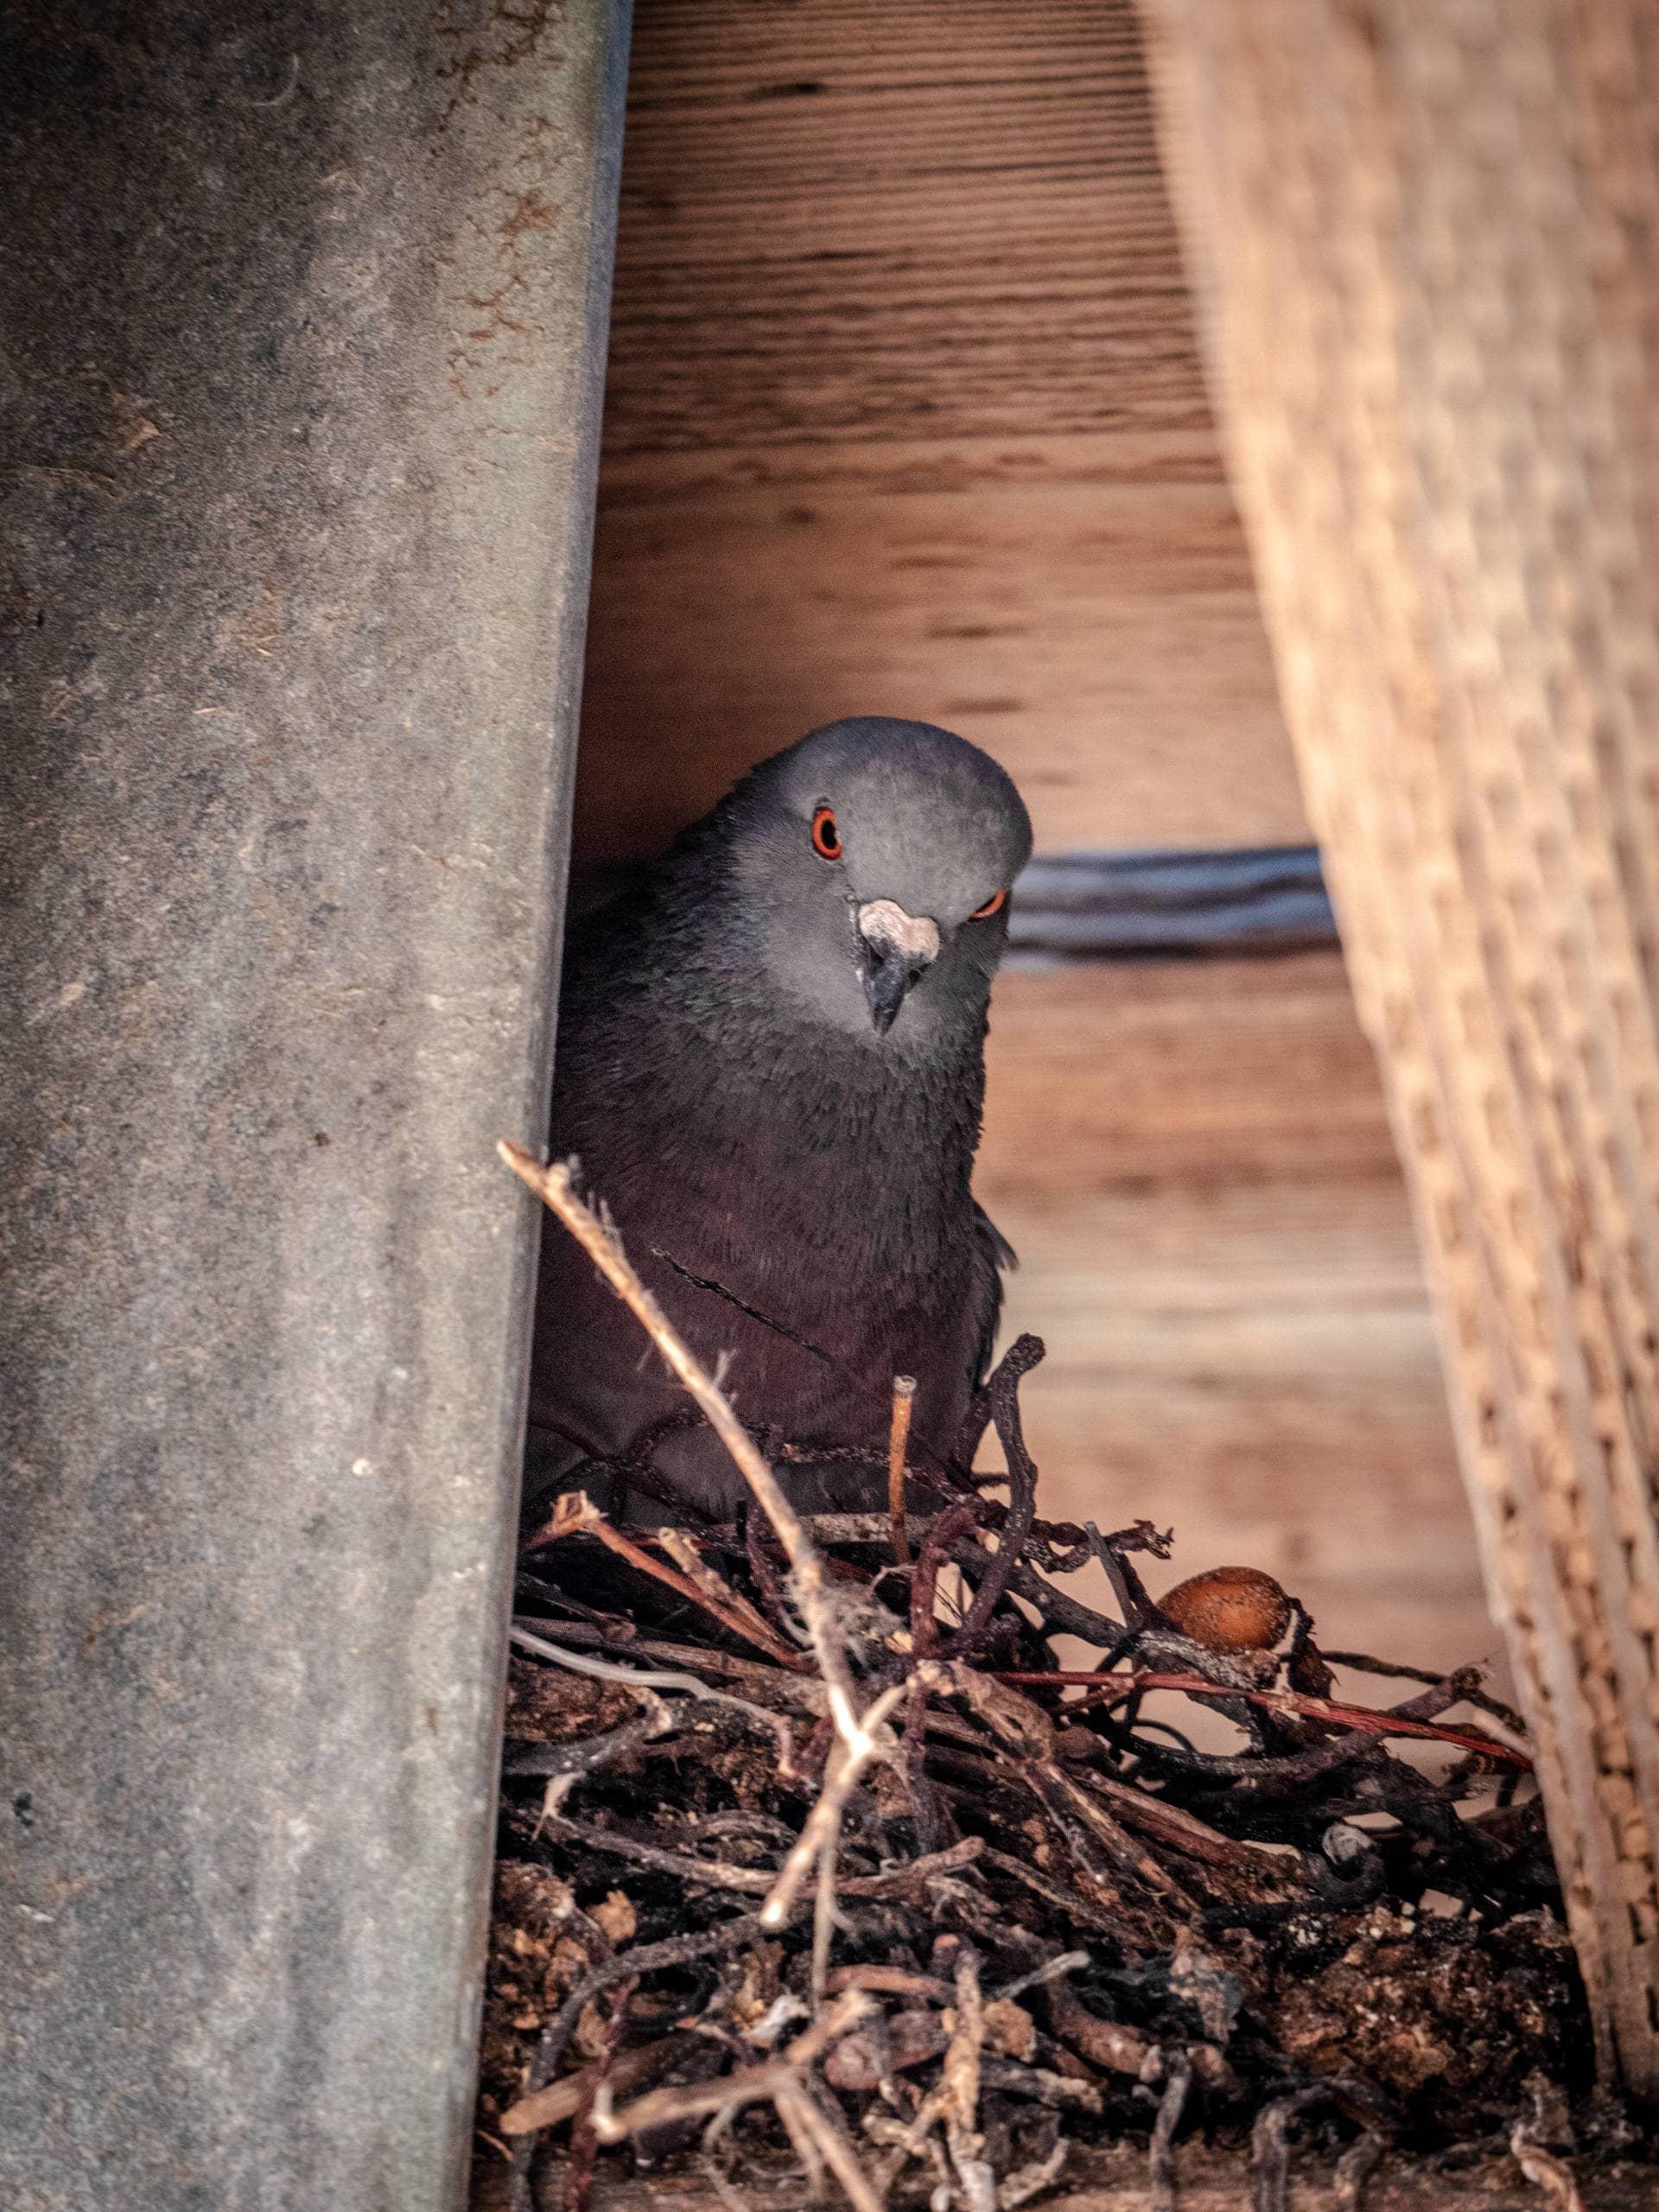 Leering Pigeon